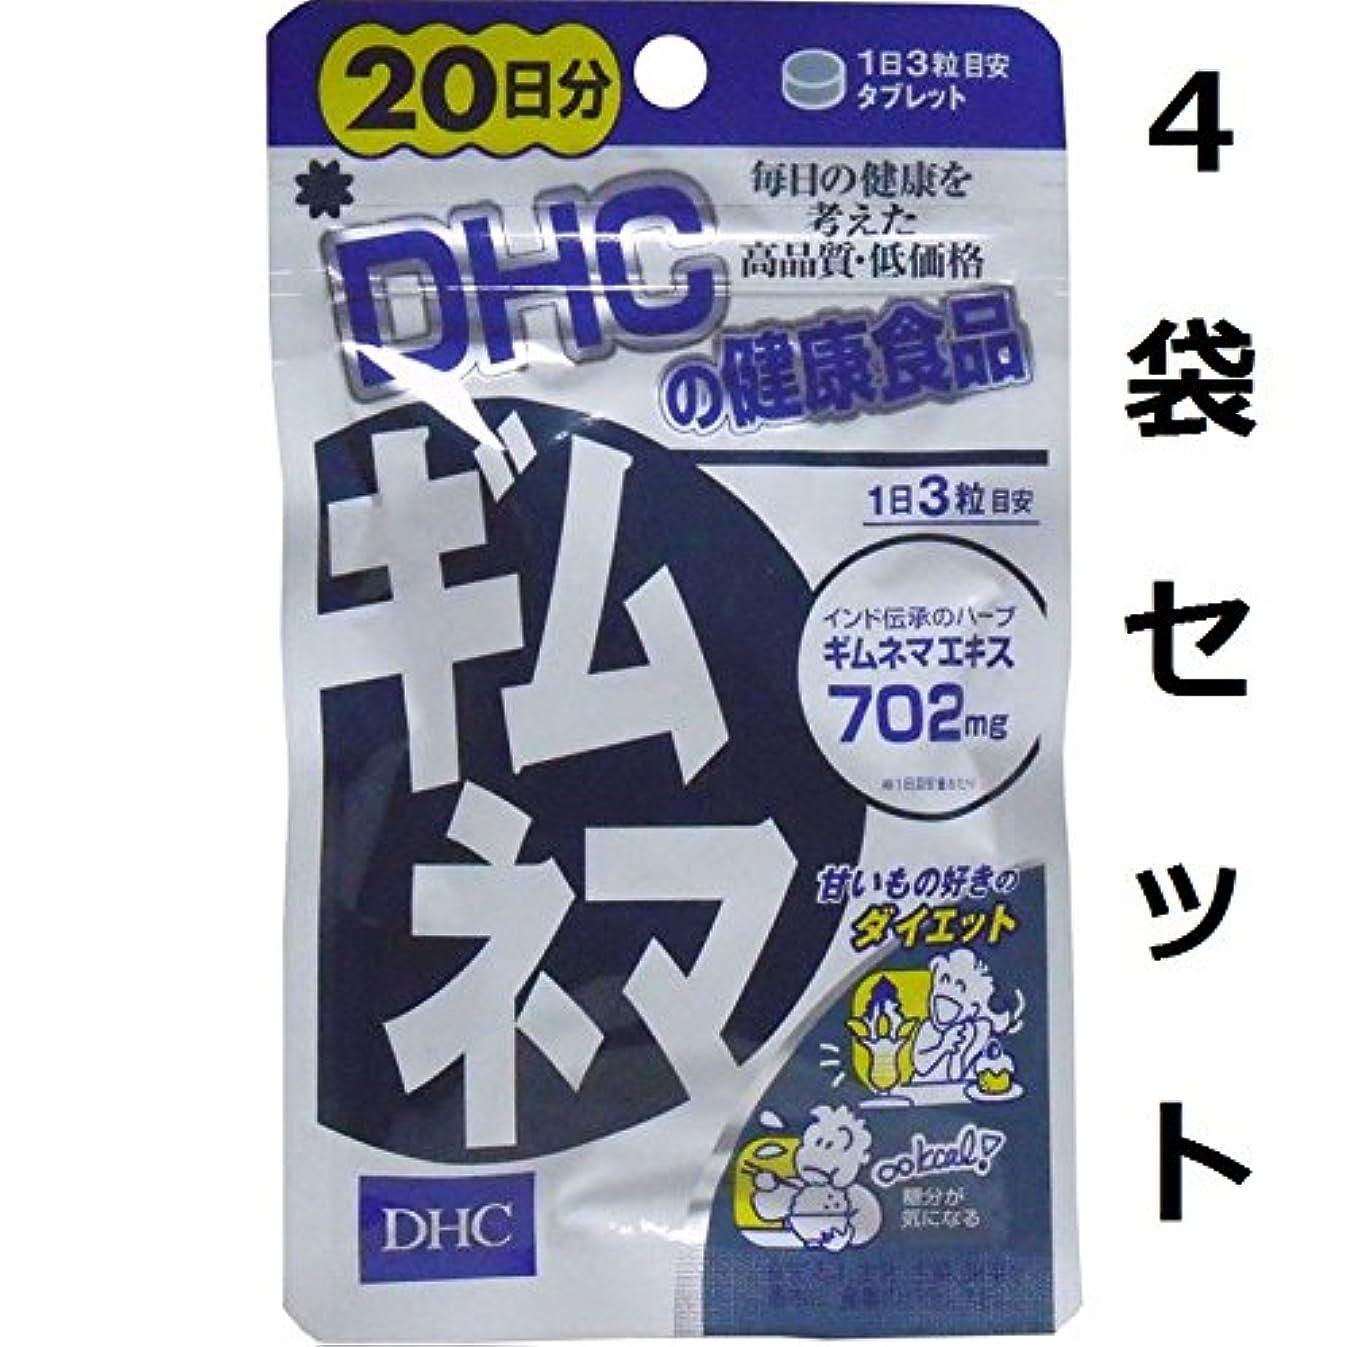 ライトニング複製時間我慢せずに余分な糖分をブロック DHC ギムネマ 20日分 60粒 4袋セット